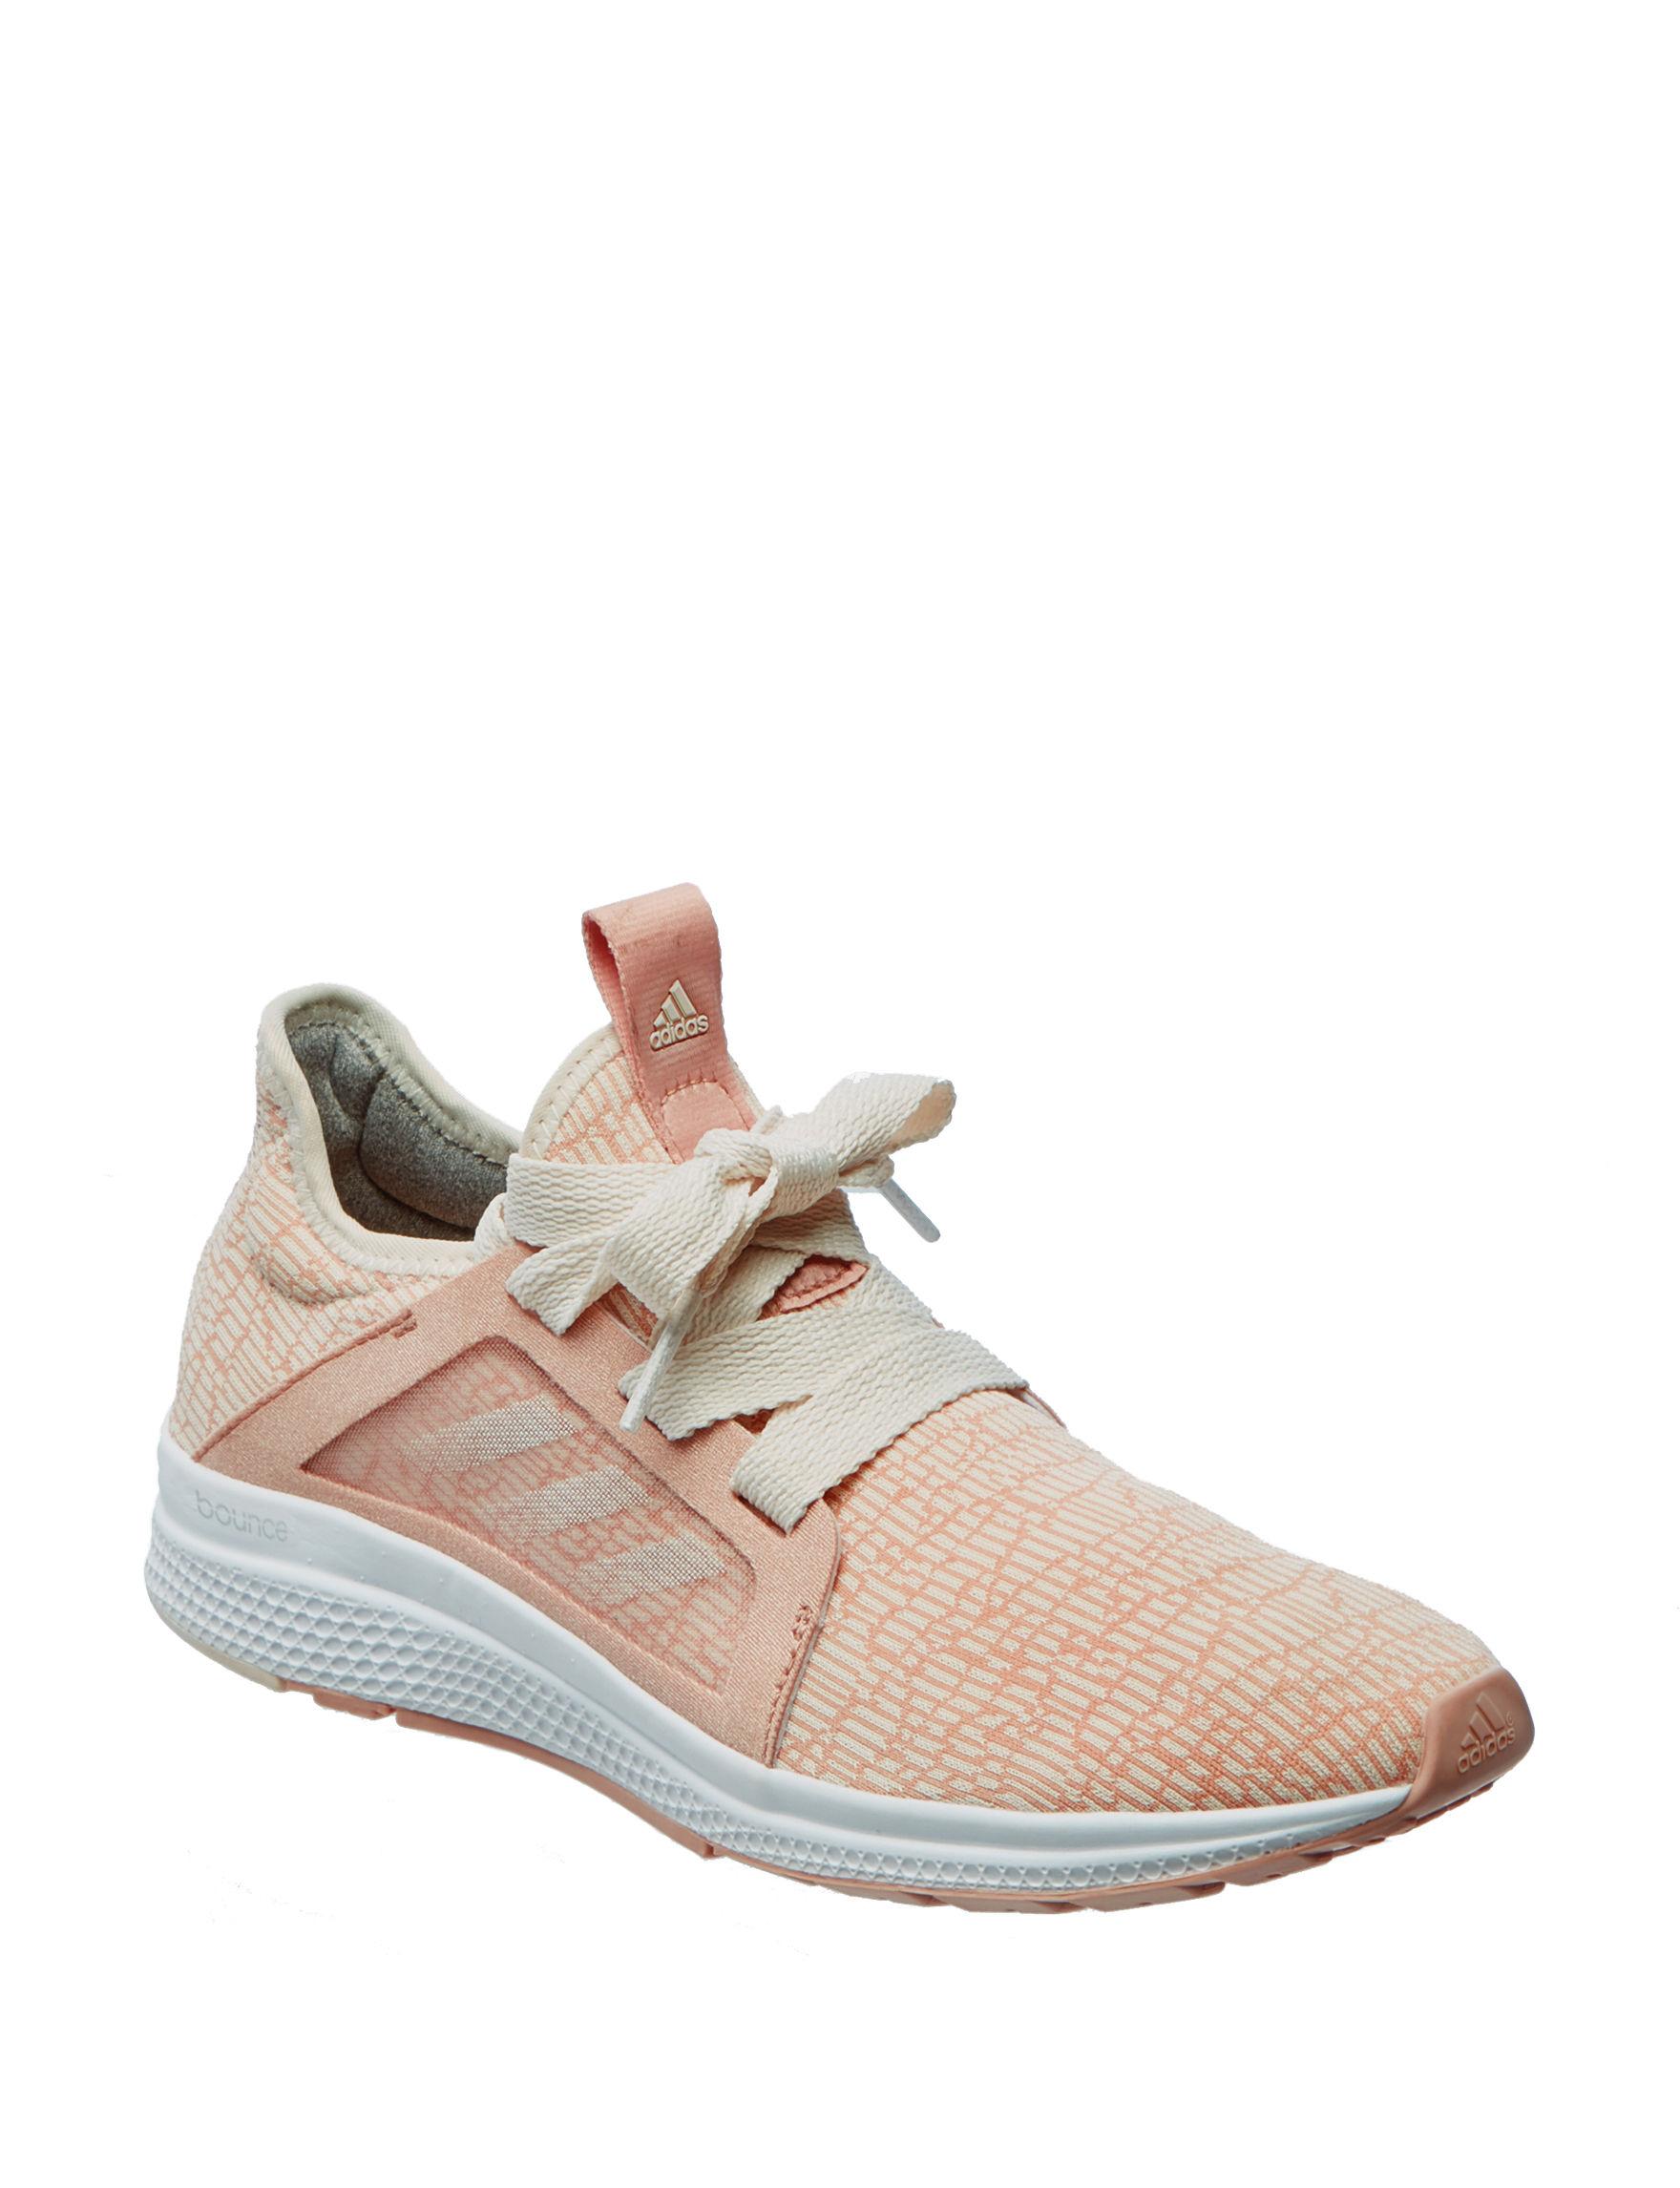 Adidas Light Pink